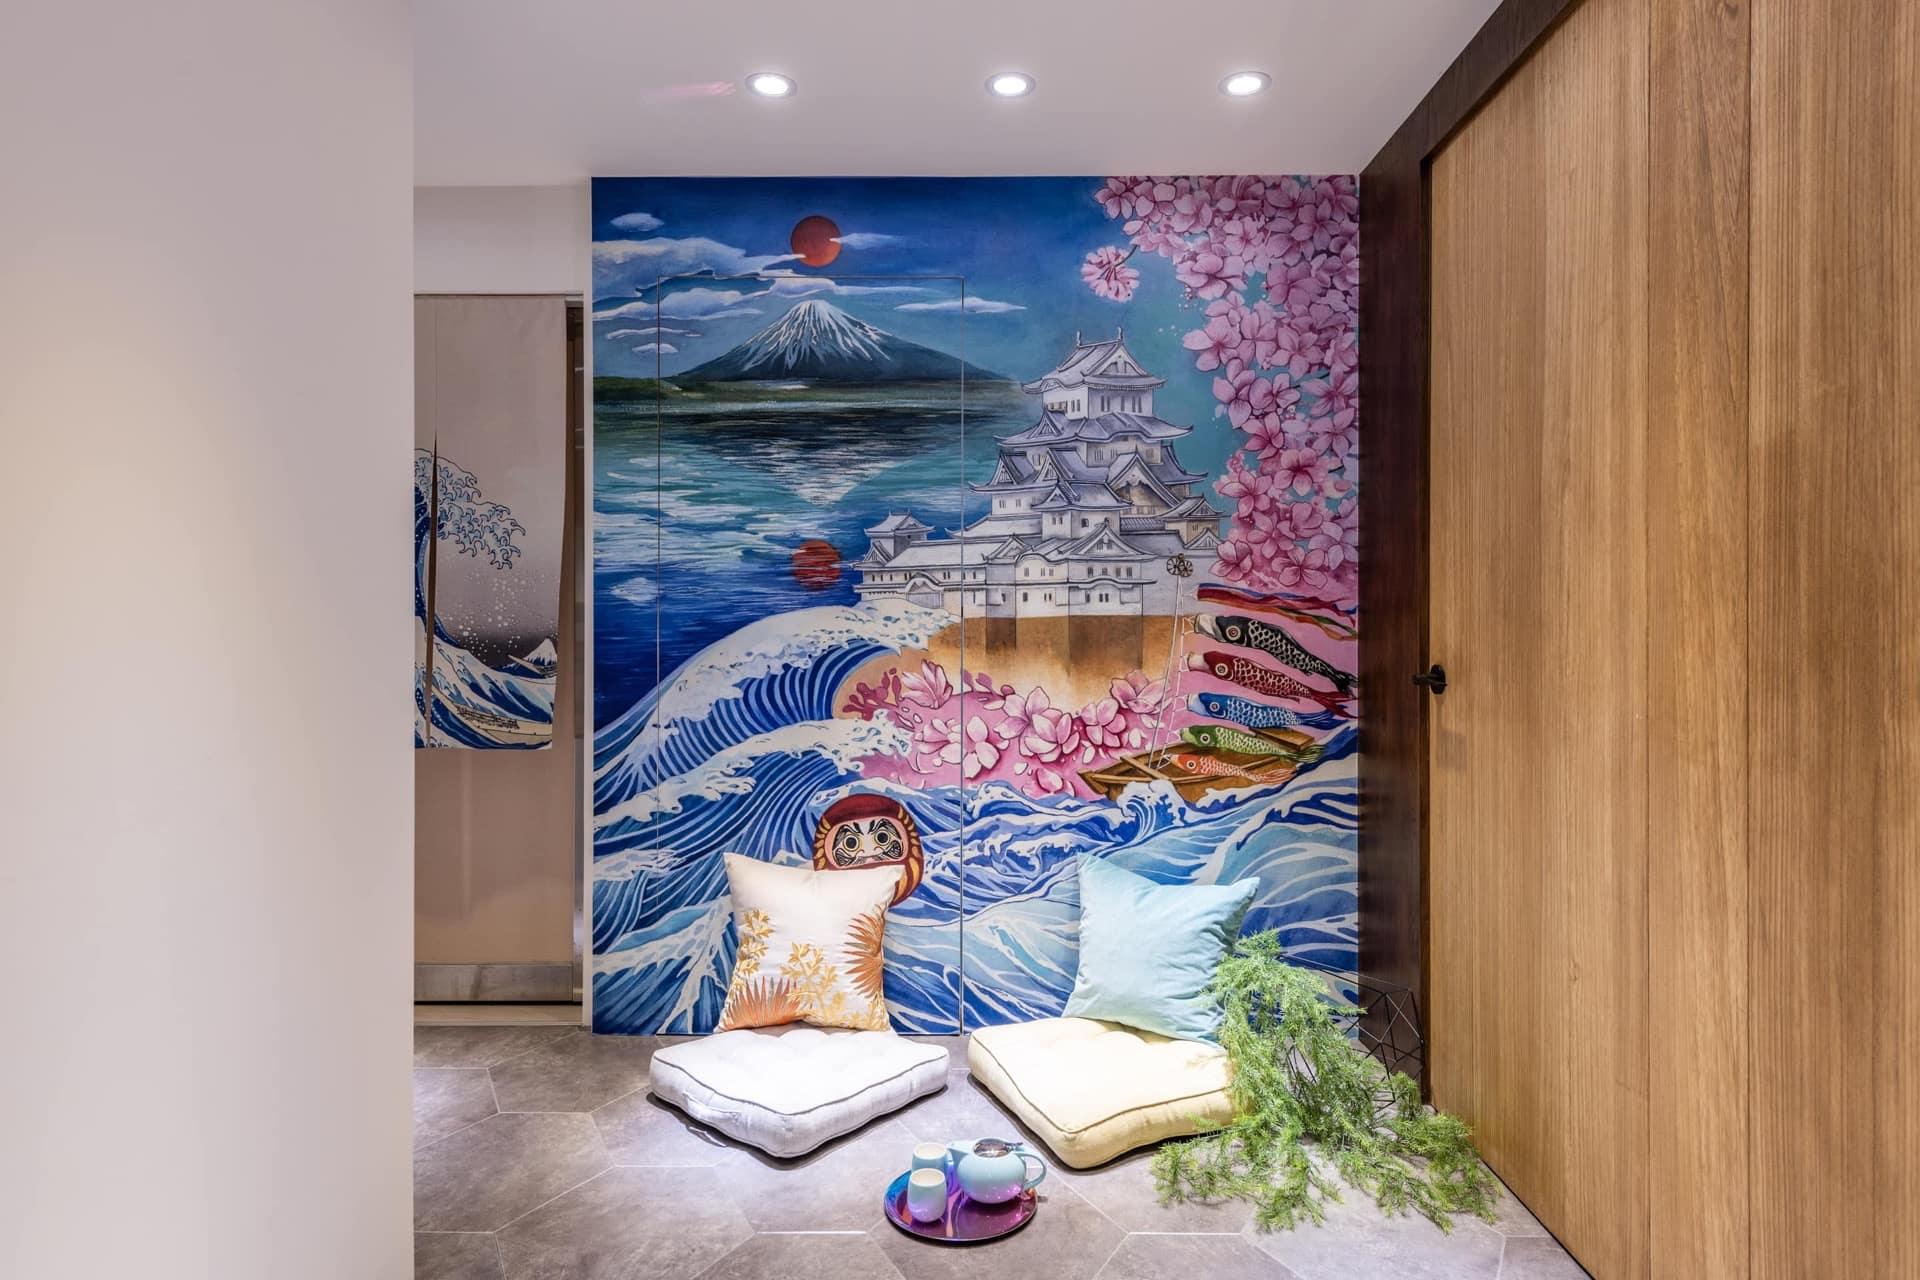 日本元素牆面插畫:富士山、姬路城、不倒翁、鯉魚旗…等(由玖恆客戶「權倫國際藝術」繪製)